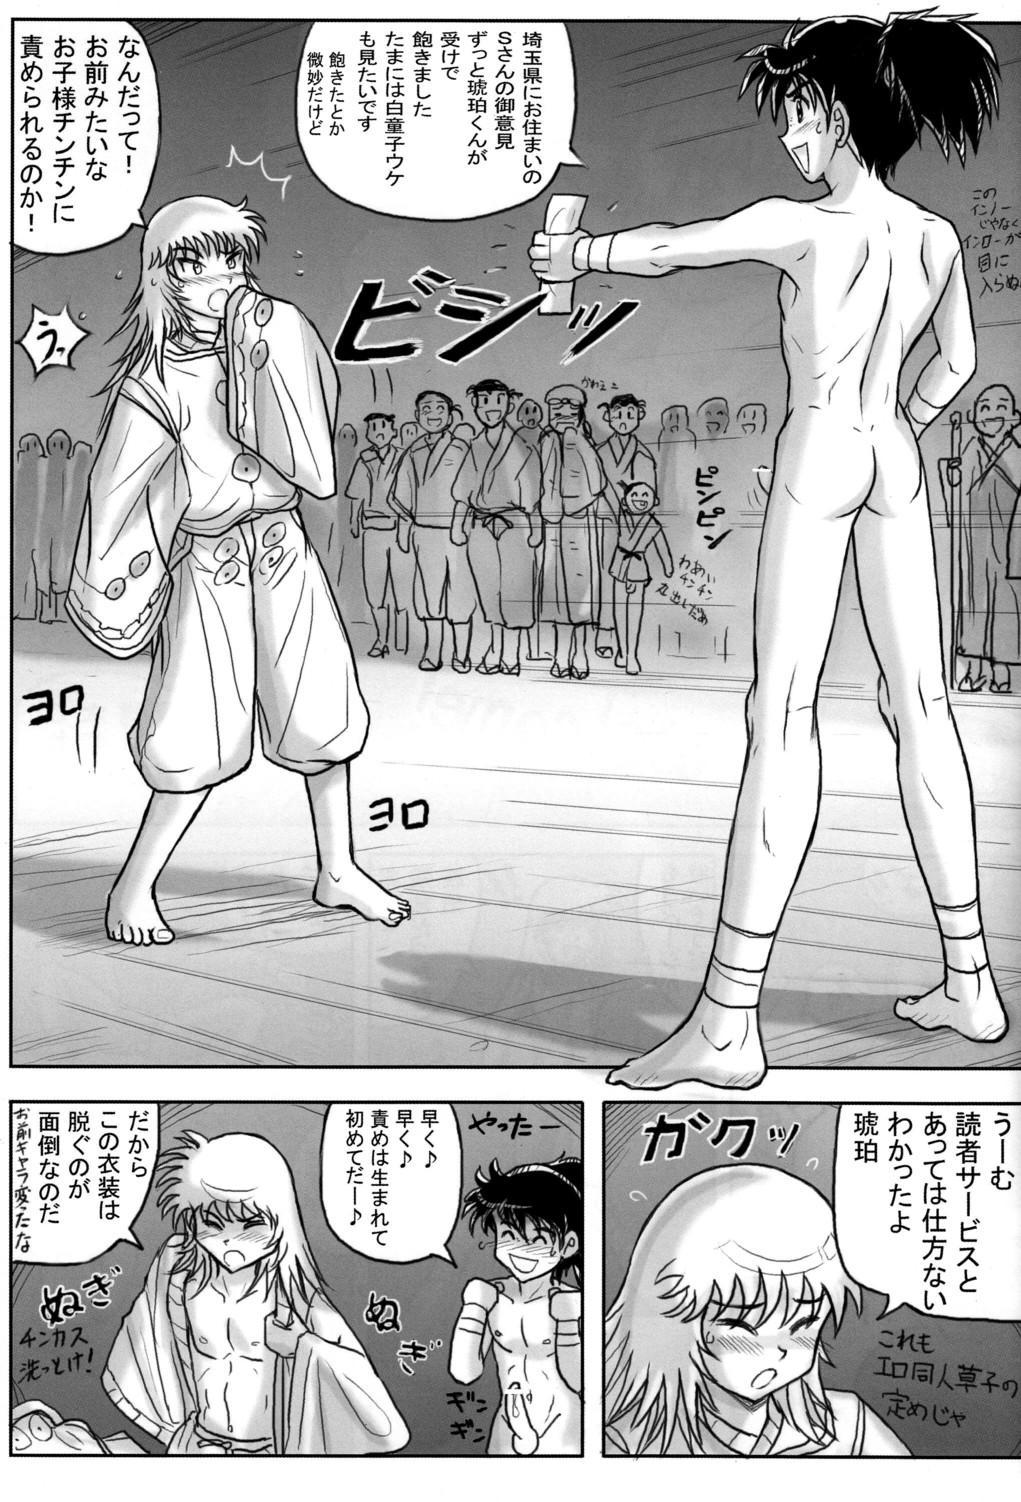 Takenokoya - Kohaku no Tsubo Manga Ban 36